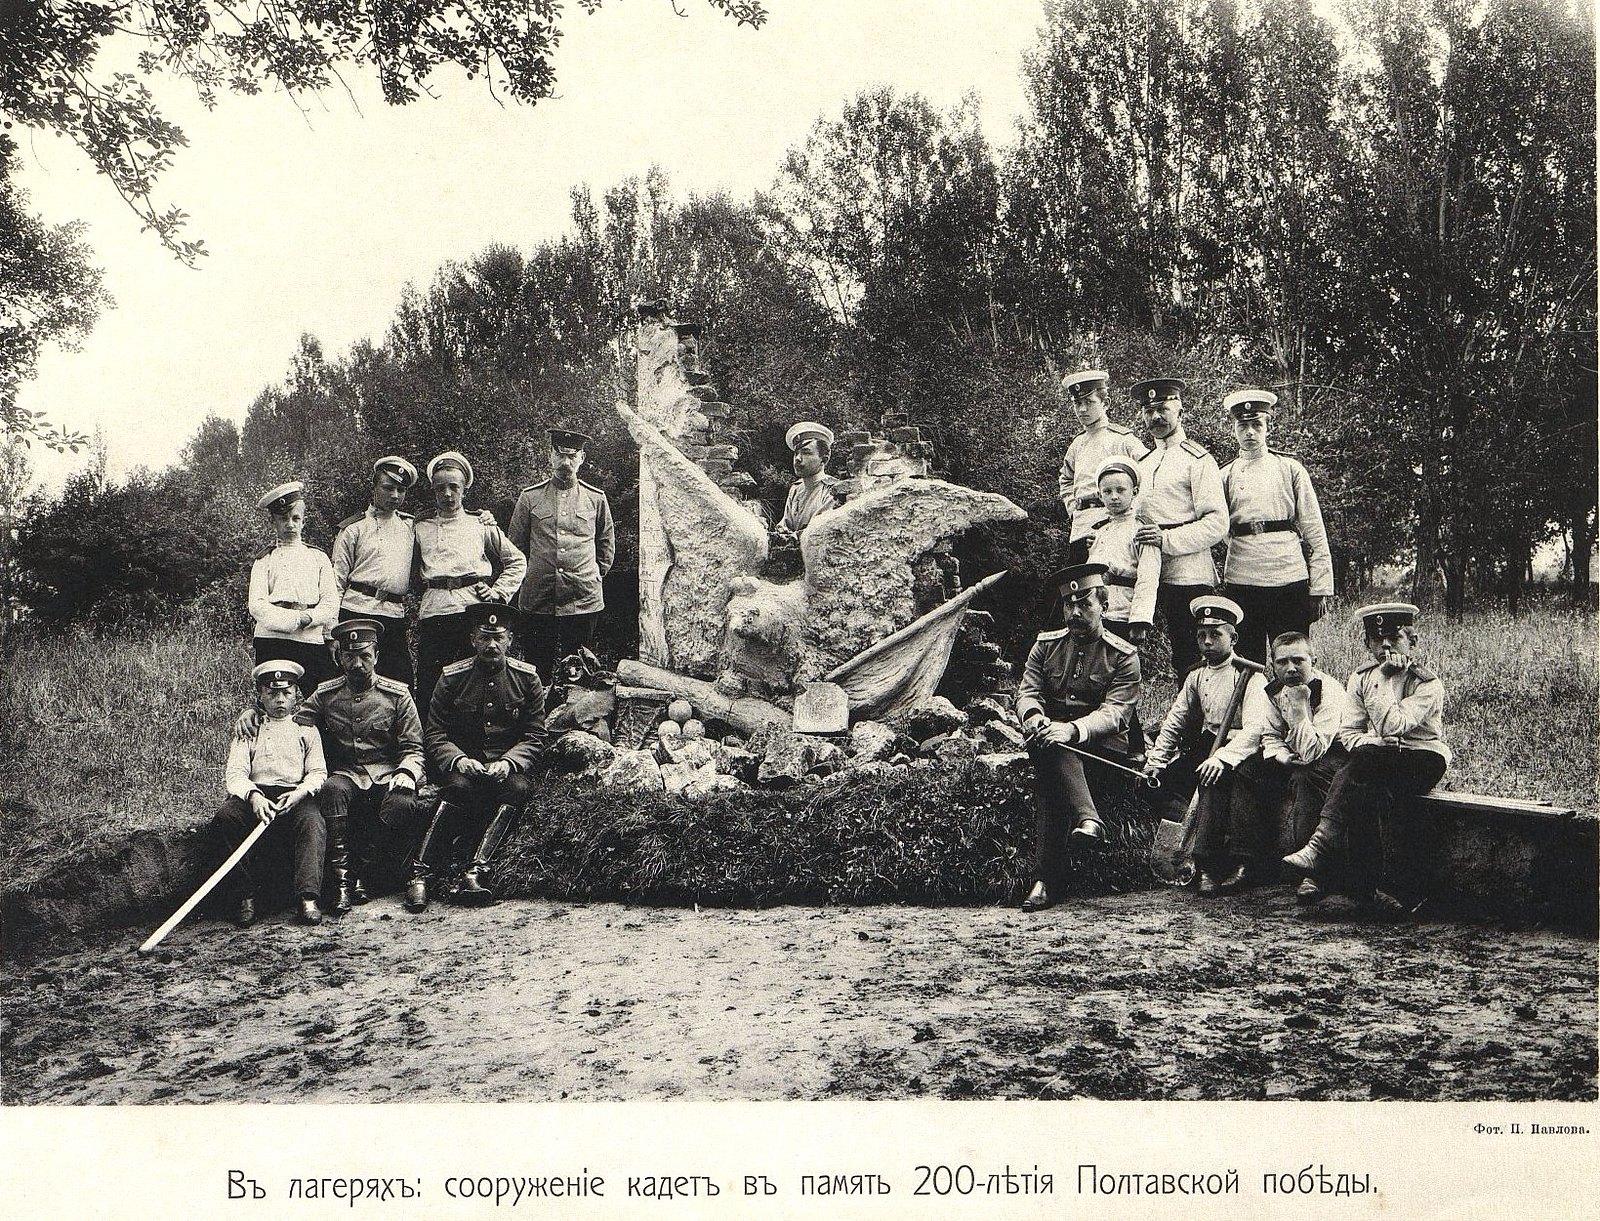 61. В лагерях. Сооружение кадет в память 200-летия Полтавской победы.